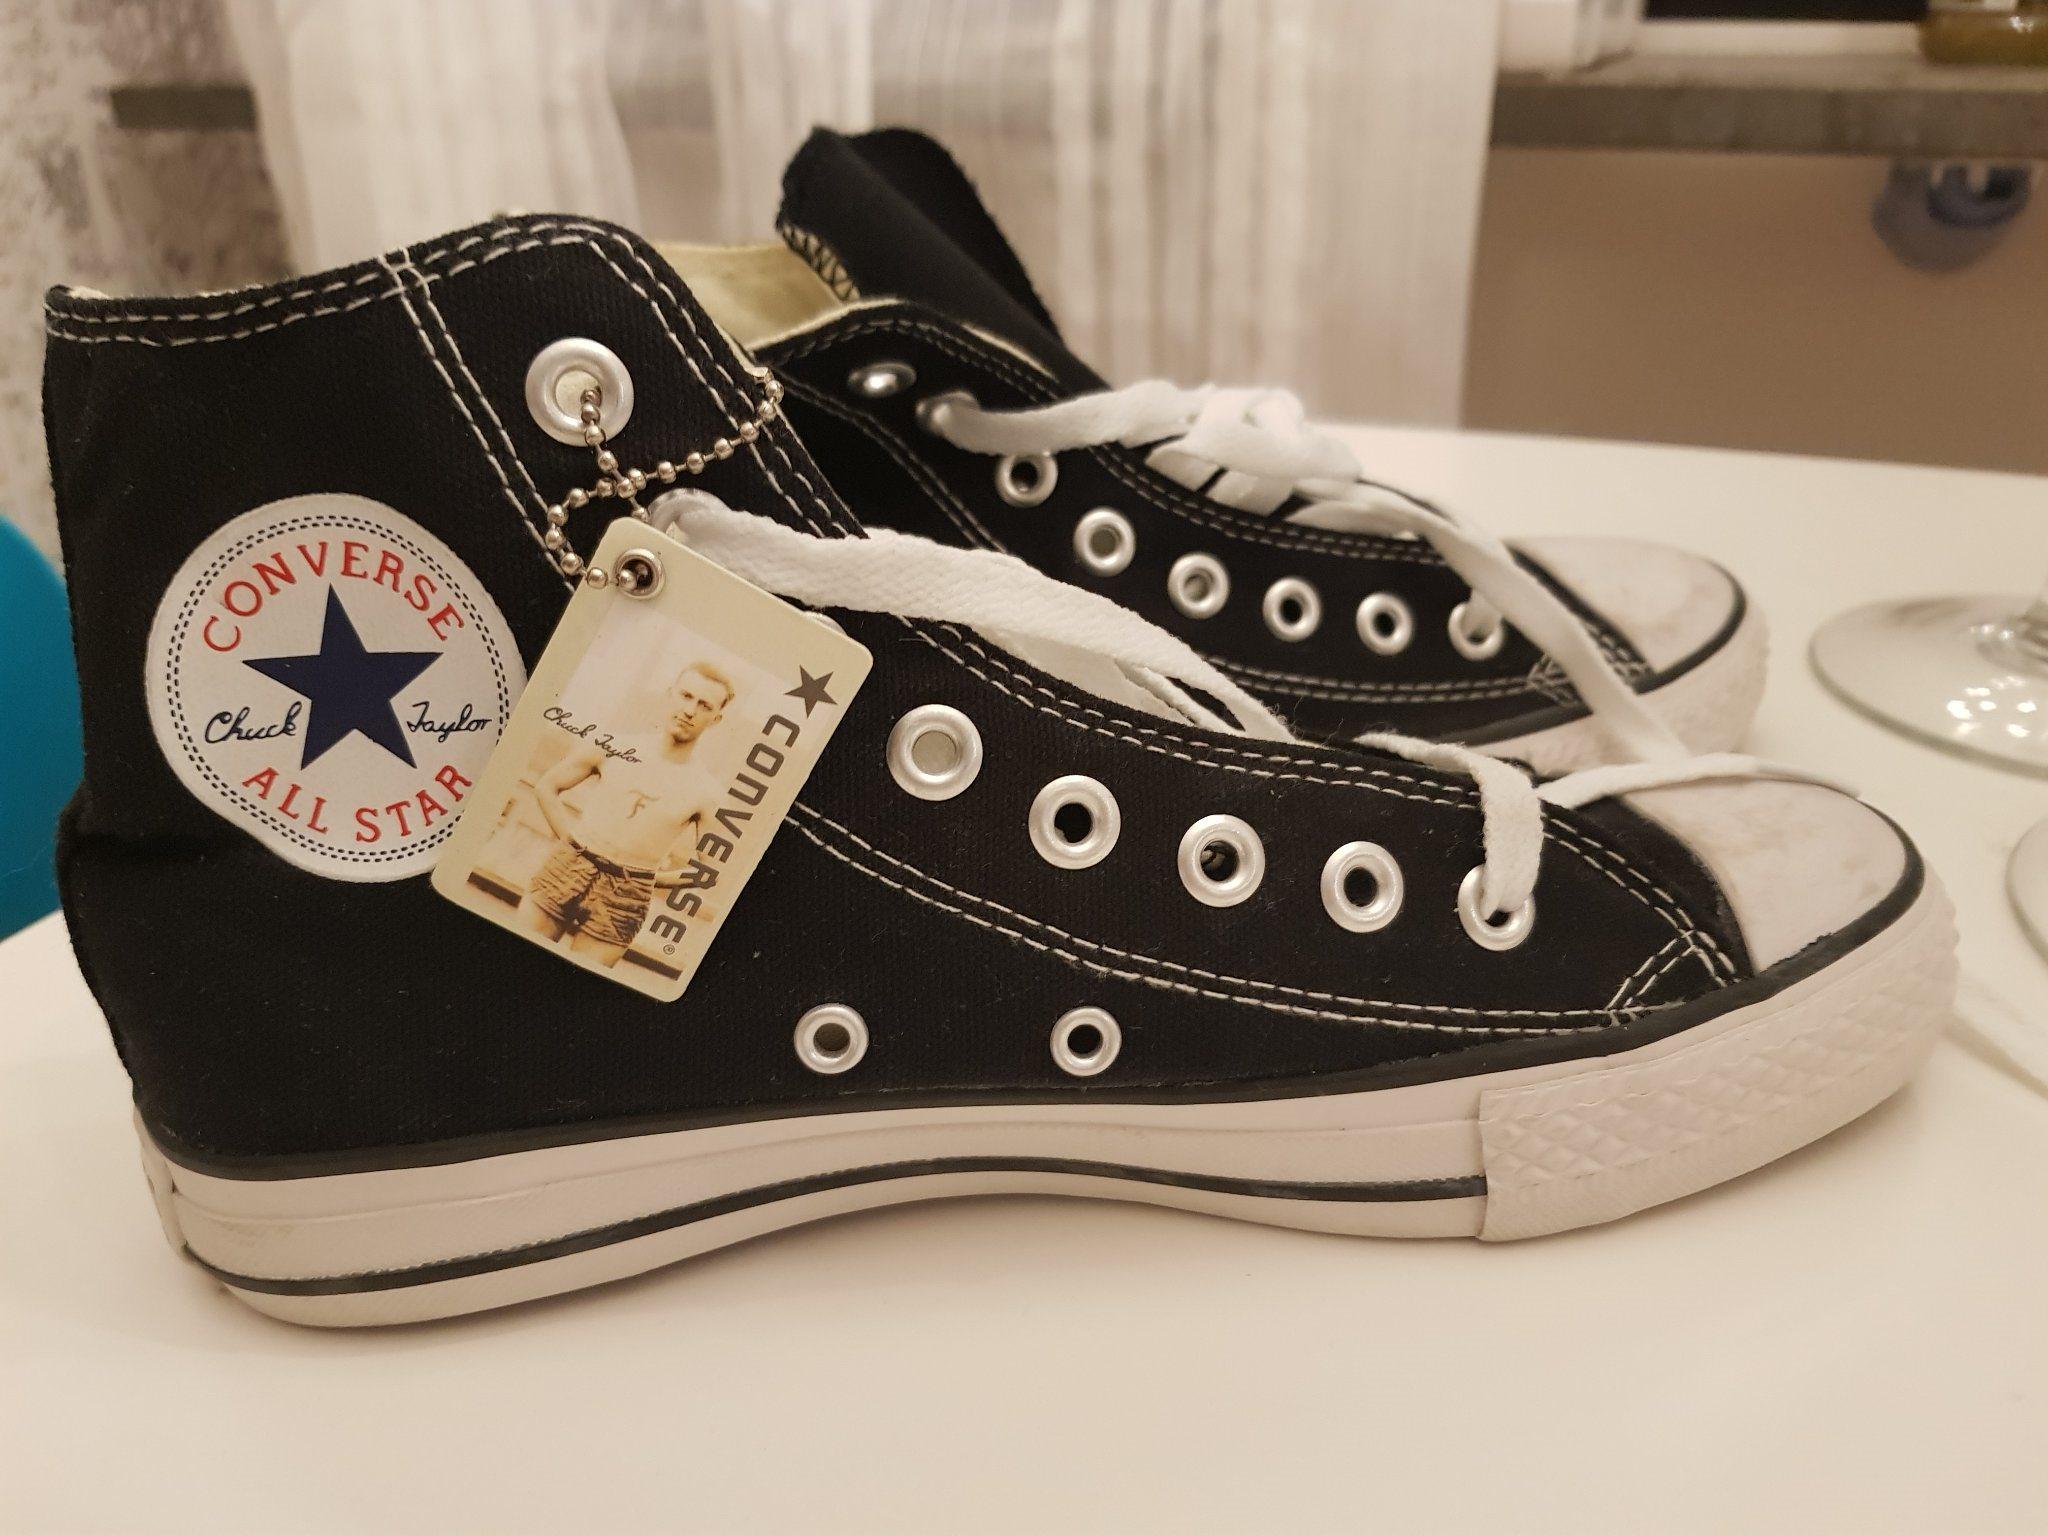 half off 8758d 9d5d8 CONVERSE NYA skor sneakers strl. 38 24,5 cm svarta klassiska